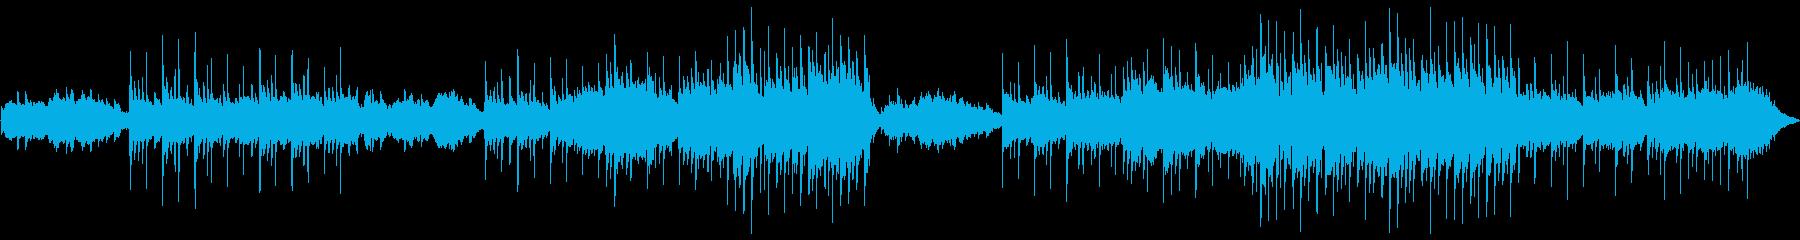 スロー。の再生済みの波形